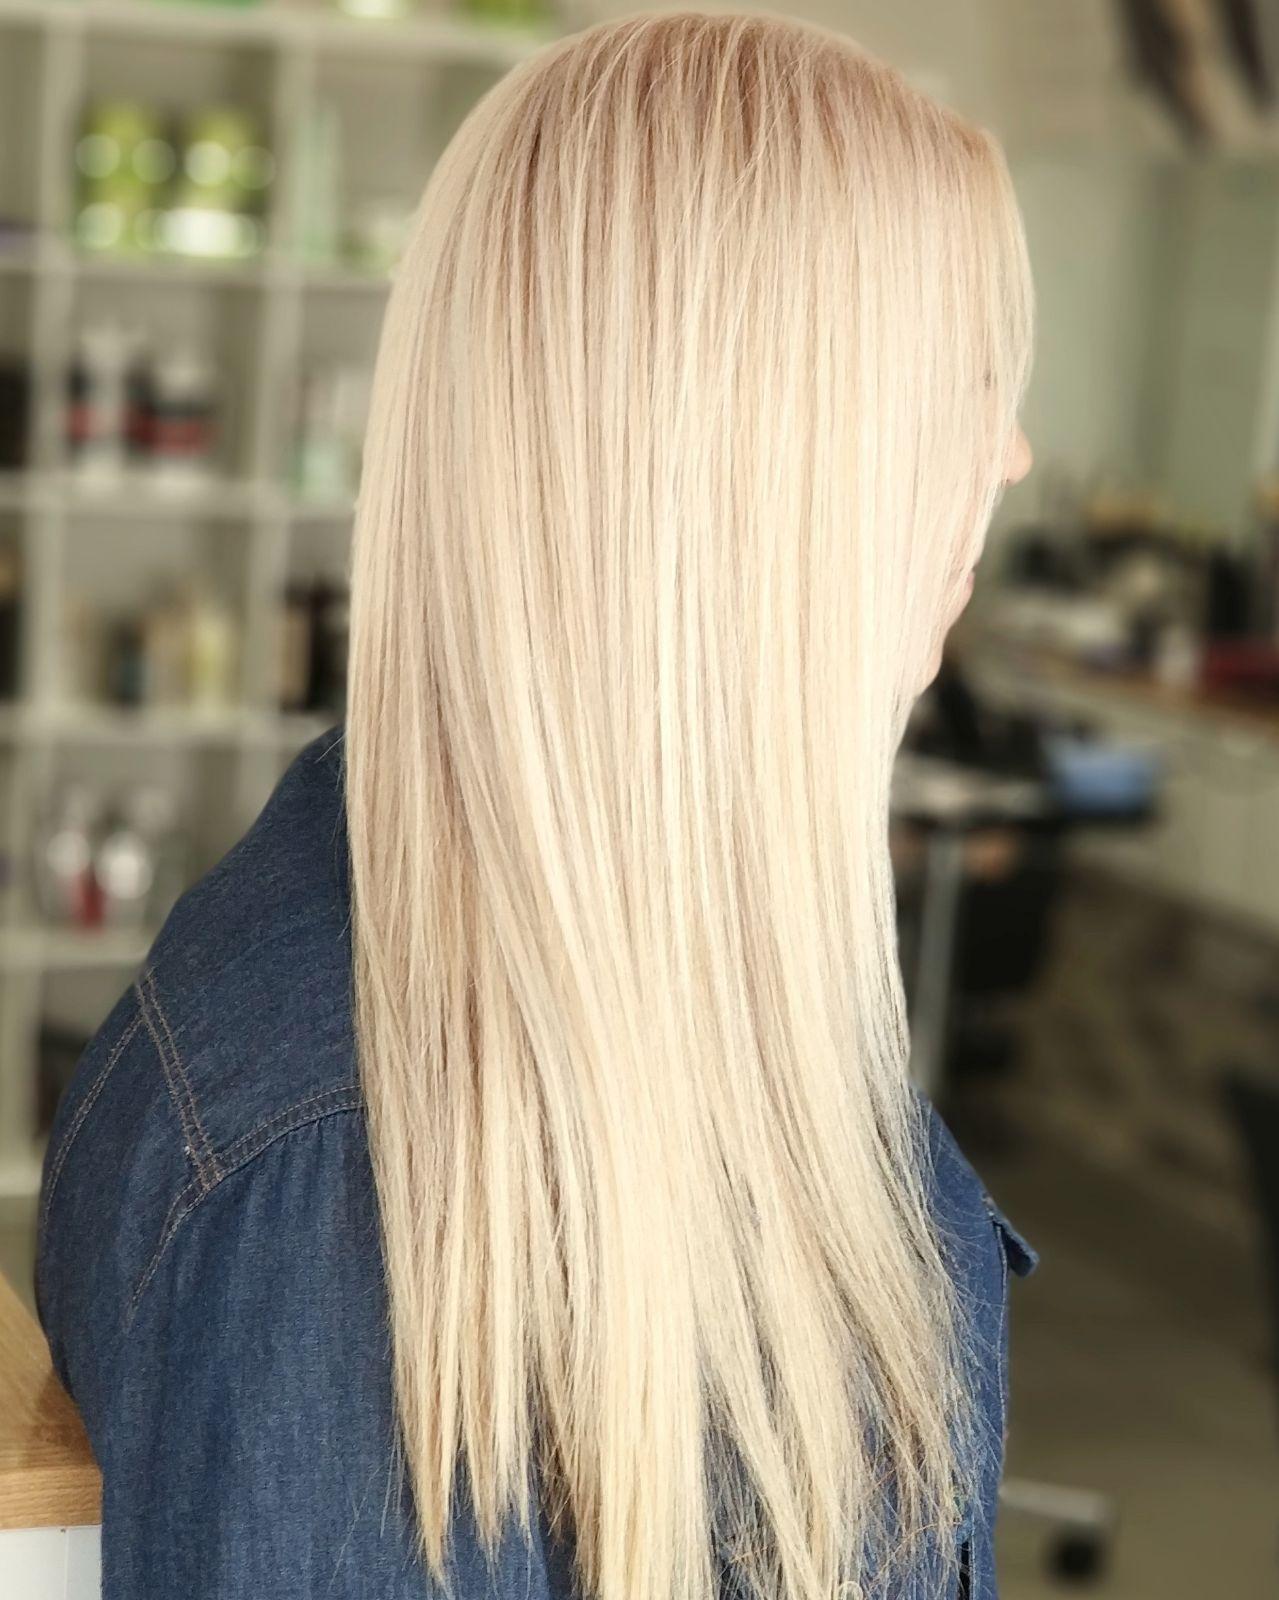 עיצוב שיער בלונד ברק בשיער